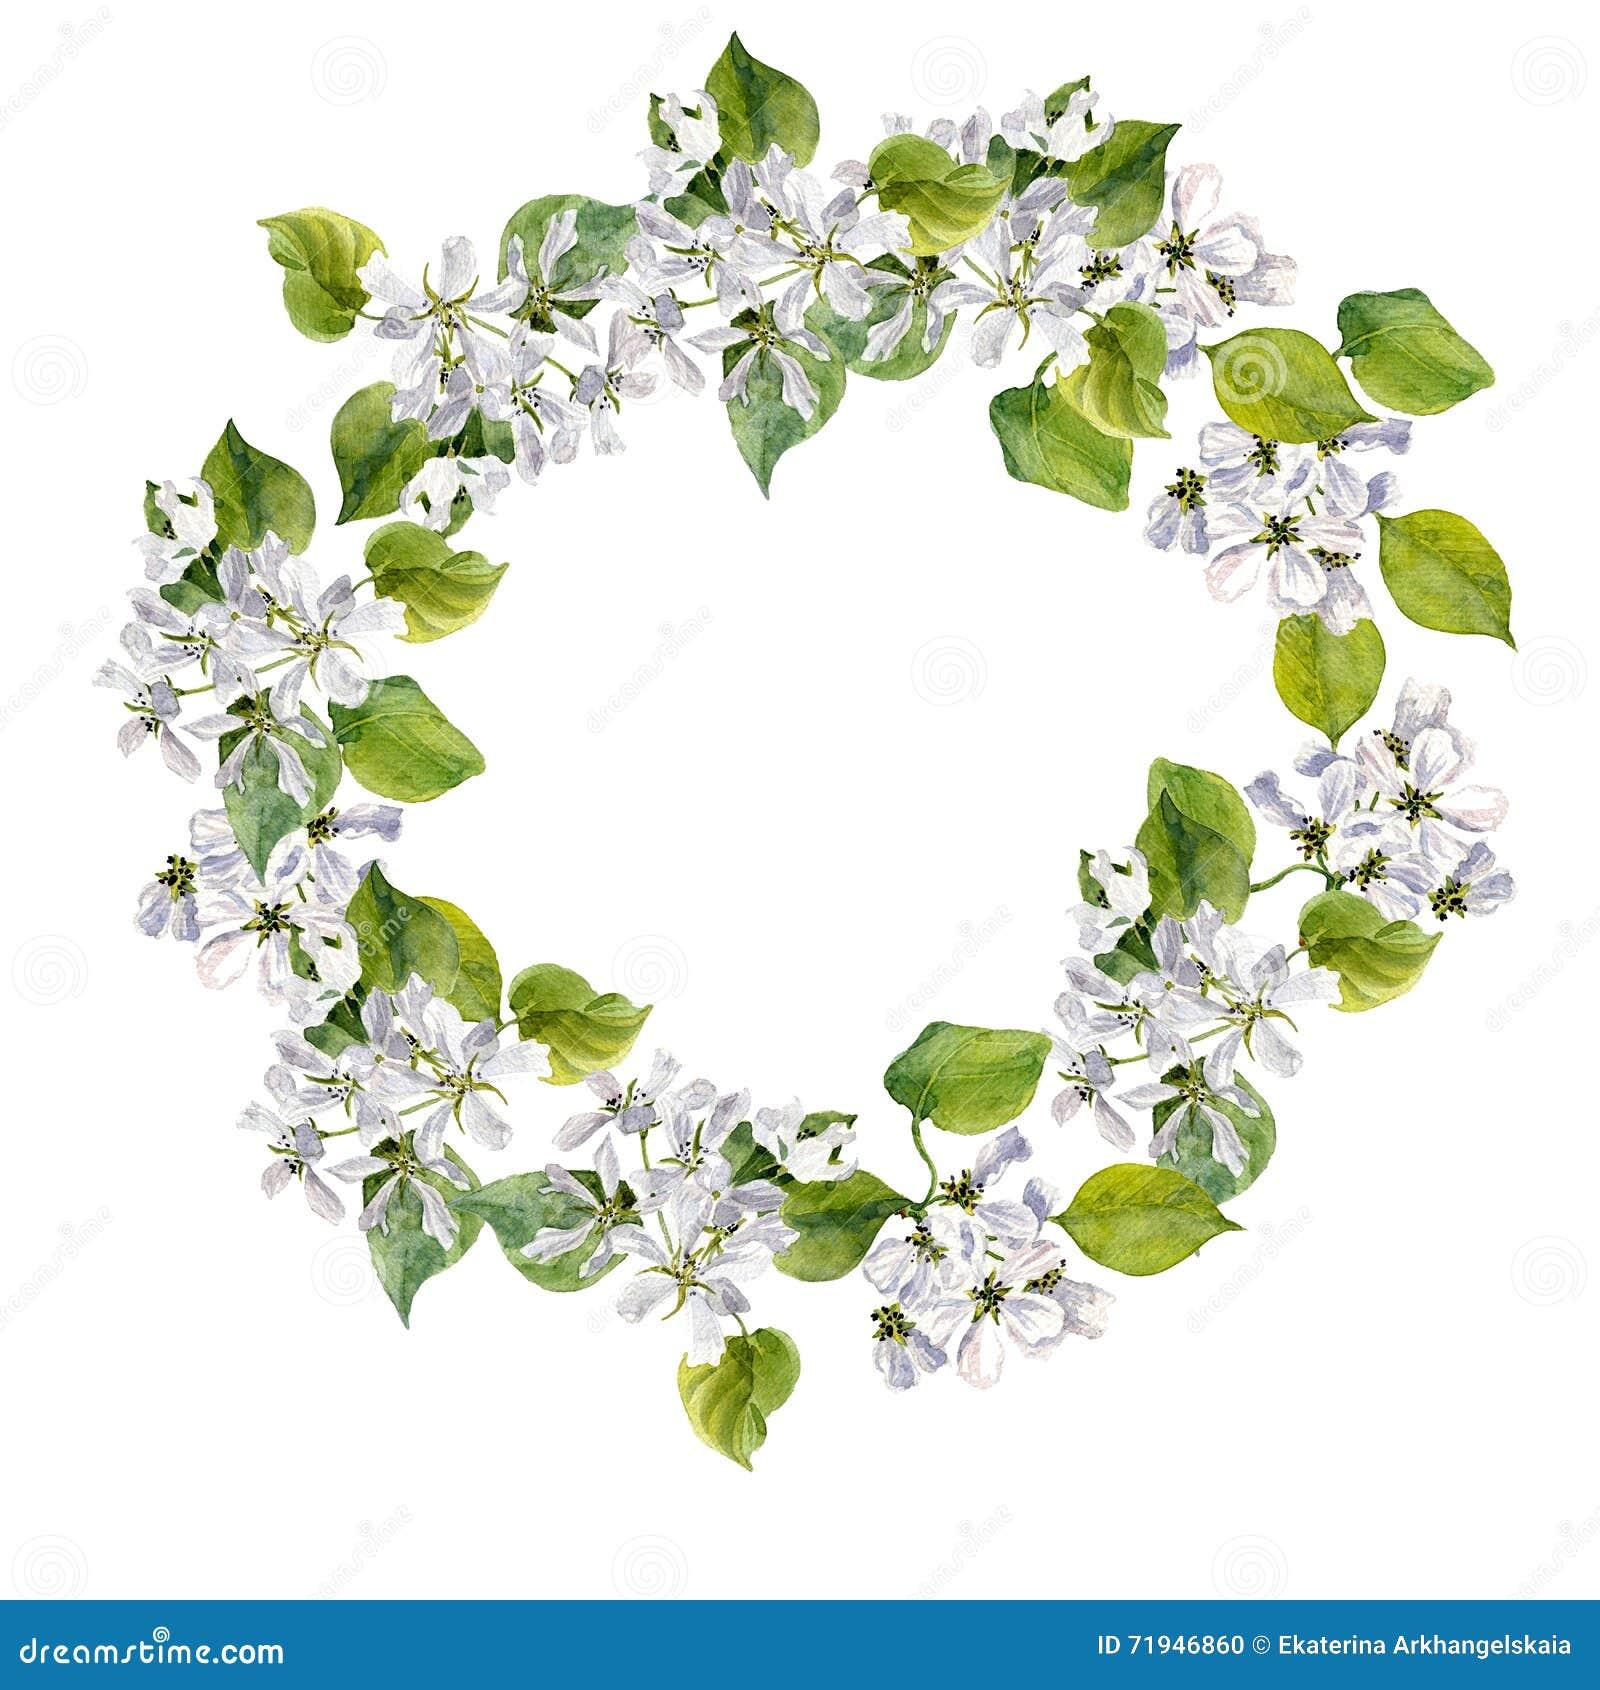 Круглая флористическая рамка с цветками яблони